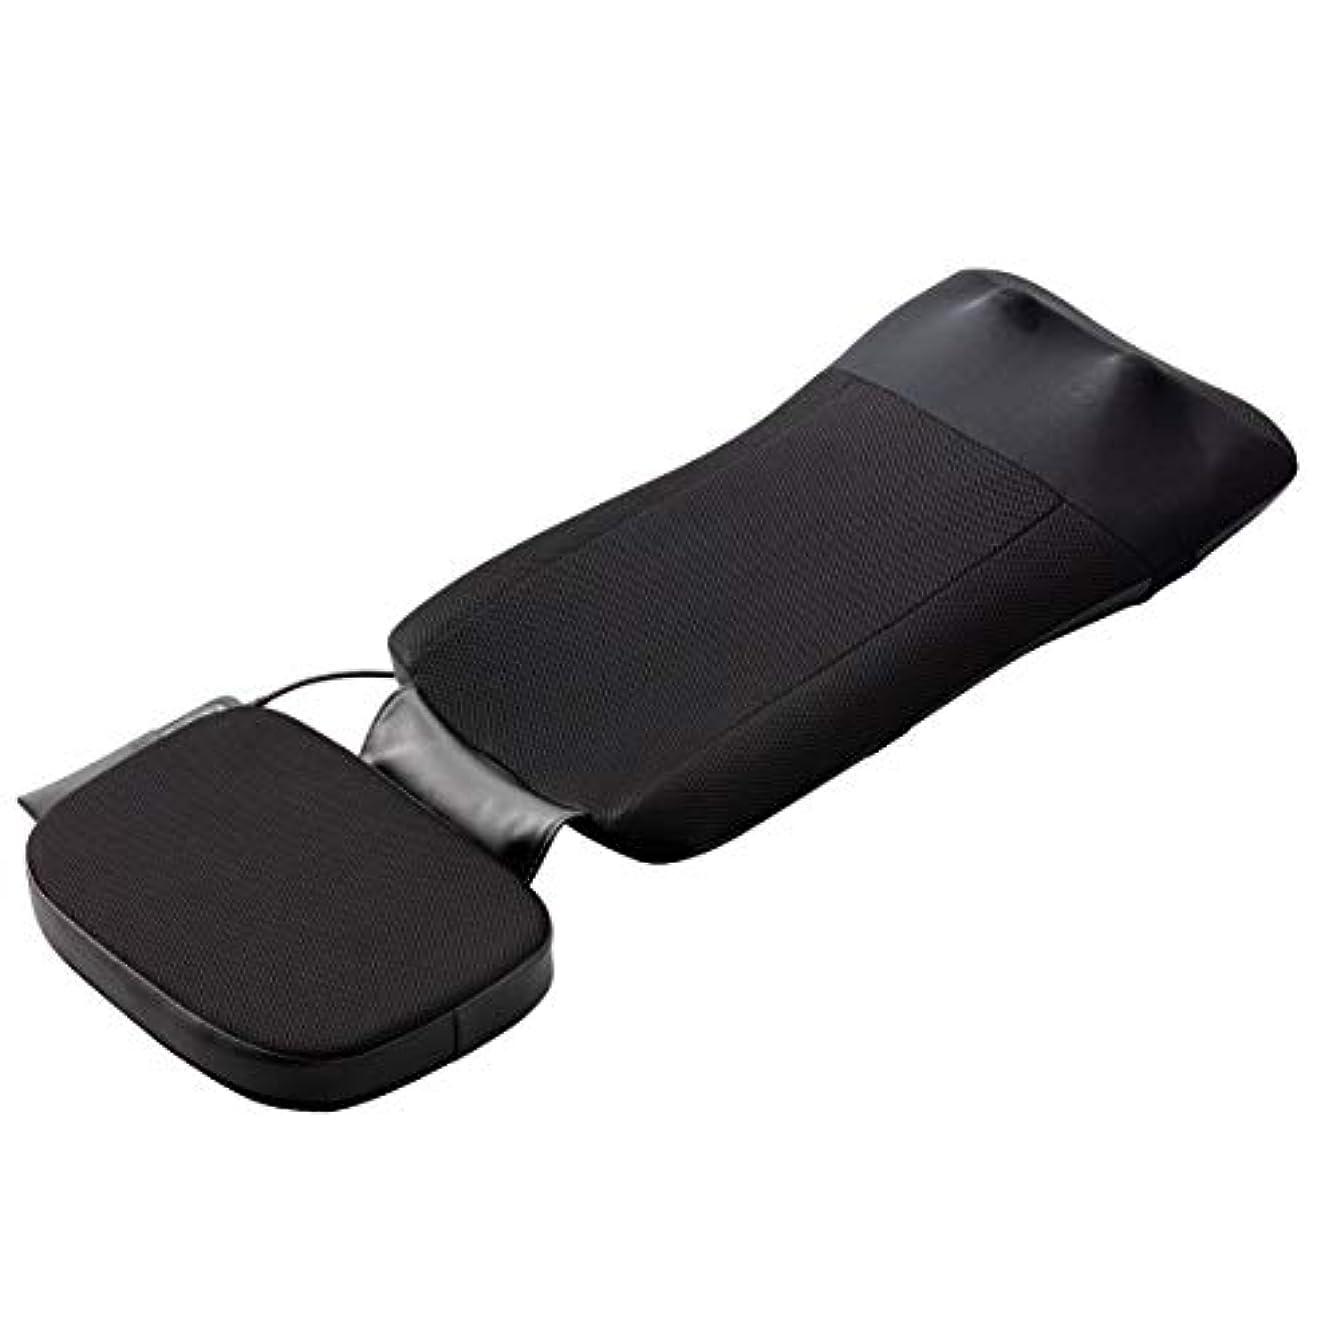 横たわるパンフレットミリメートルスライヴ マッサージシート 【寝て使用可能】ストレッチコース付き ブラック MD-8670 BK